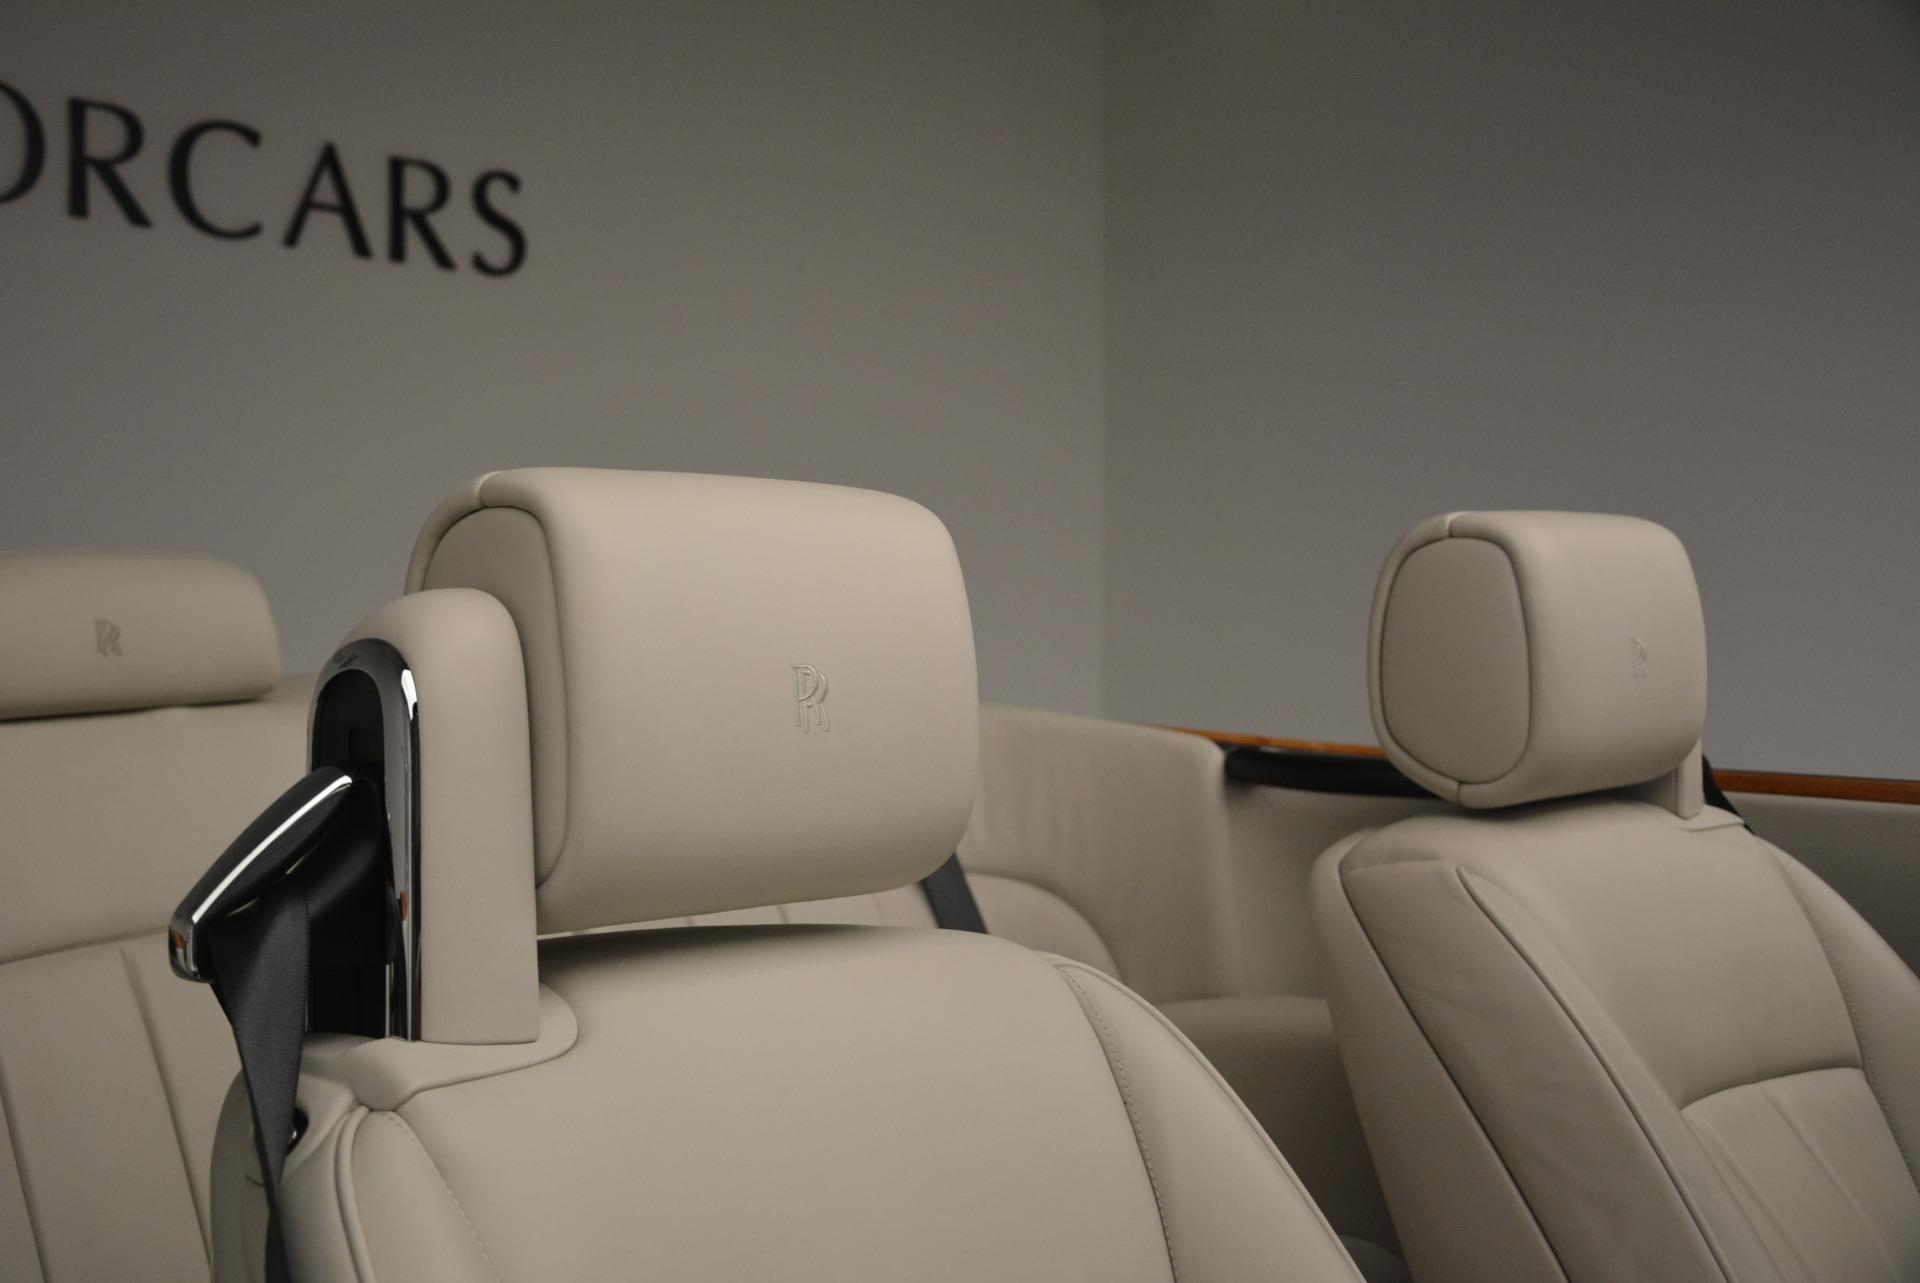 Used 2013 Rolls-Royce Phantom Drophead Coupe  For Sale In Westport, CT 2444_p30